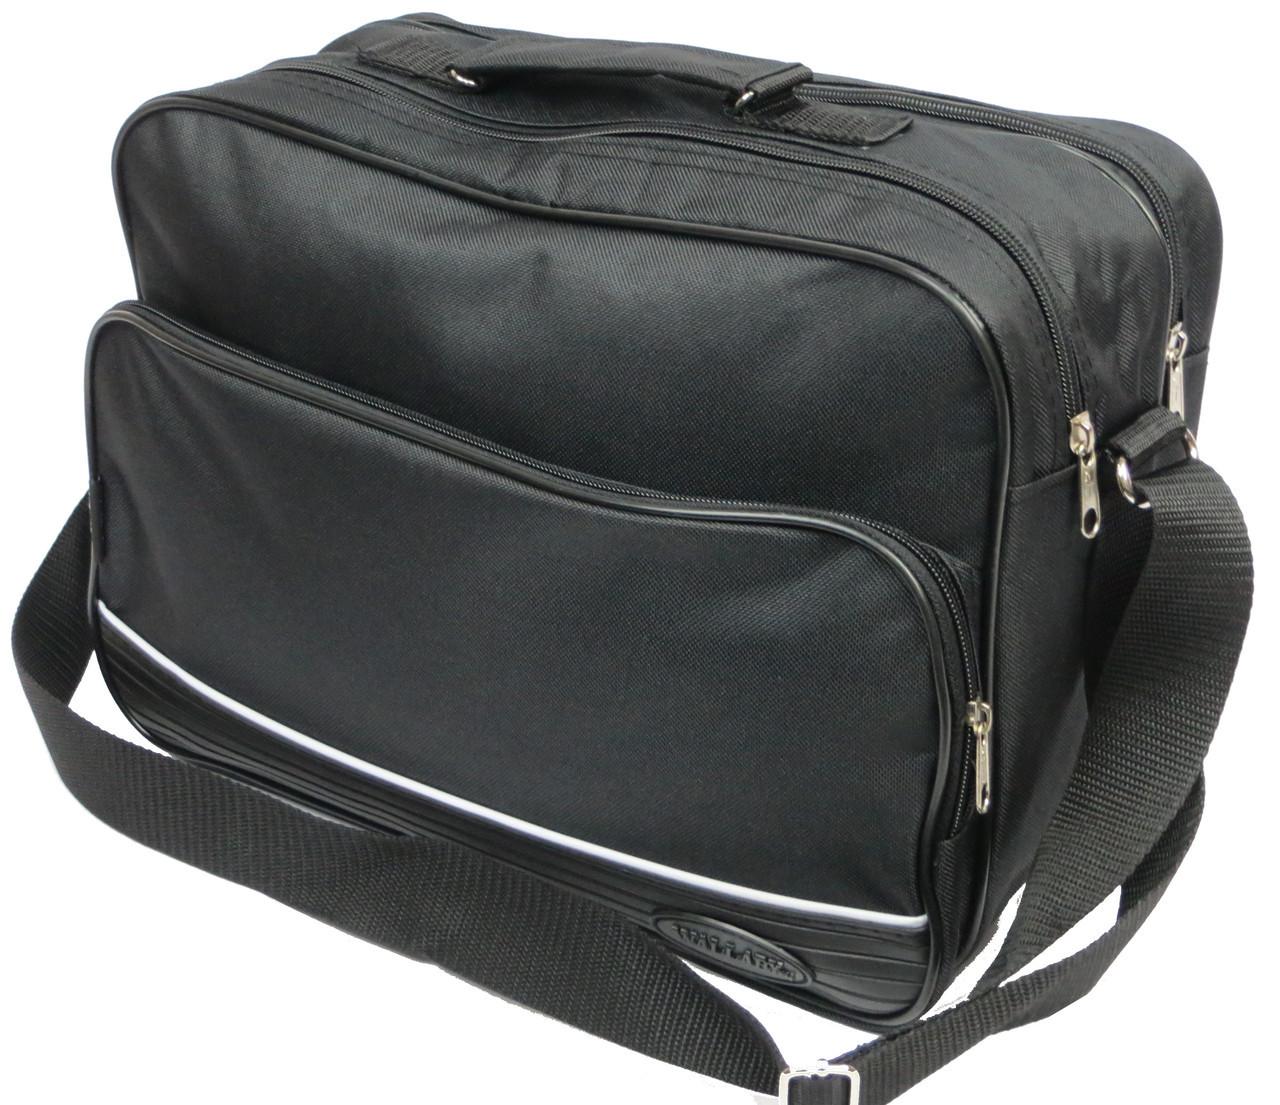 7d15491af8ce Тканевый портфель-сумка мужская Wallaby 2641 black, черный: продажа ...